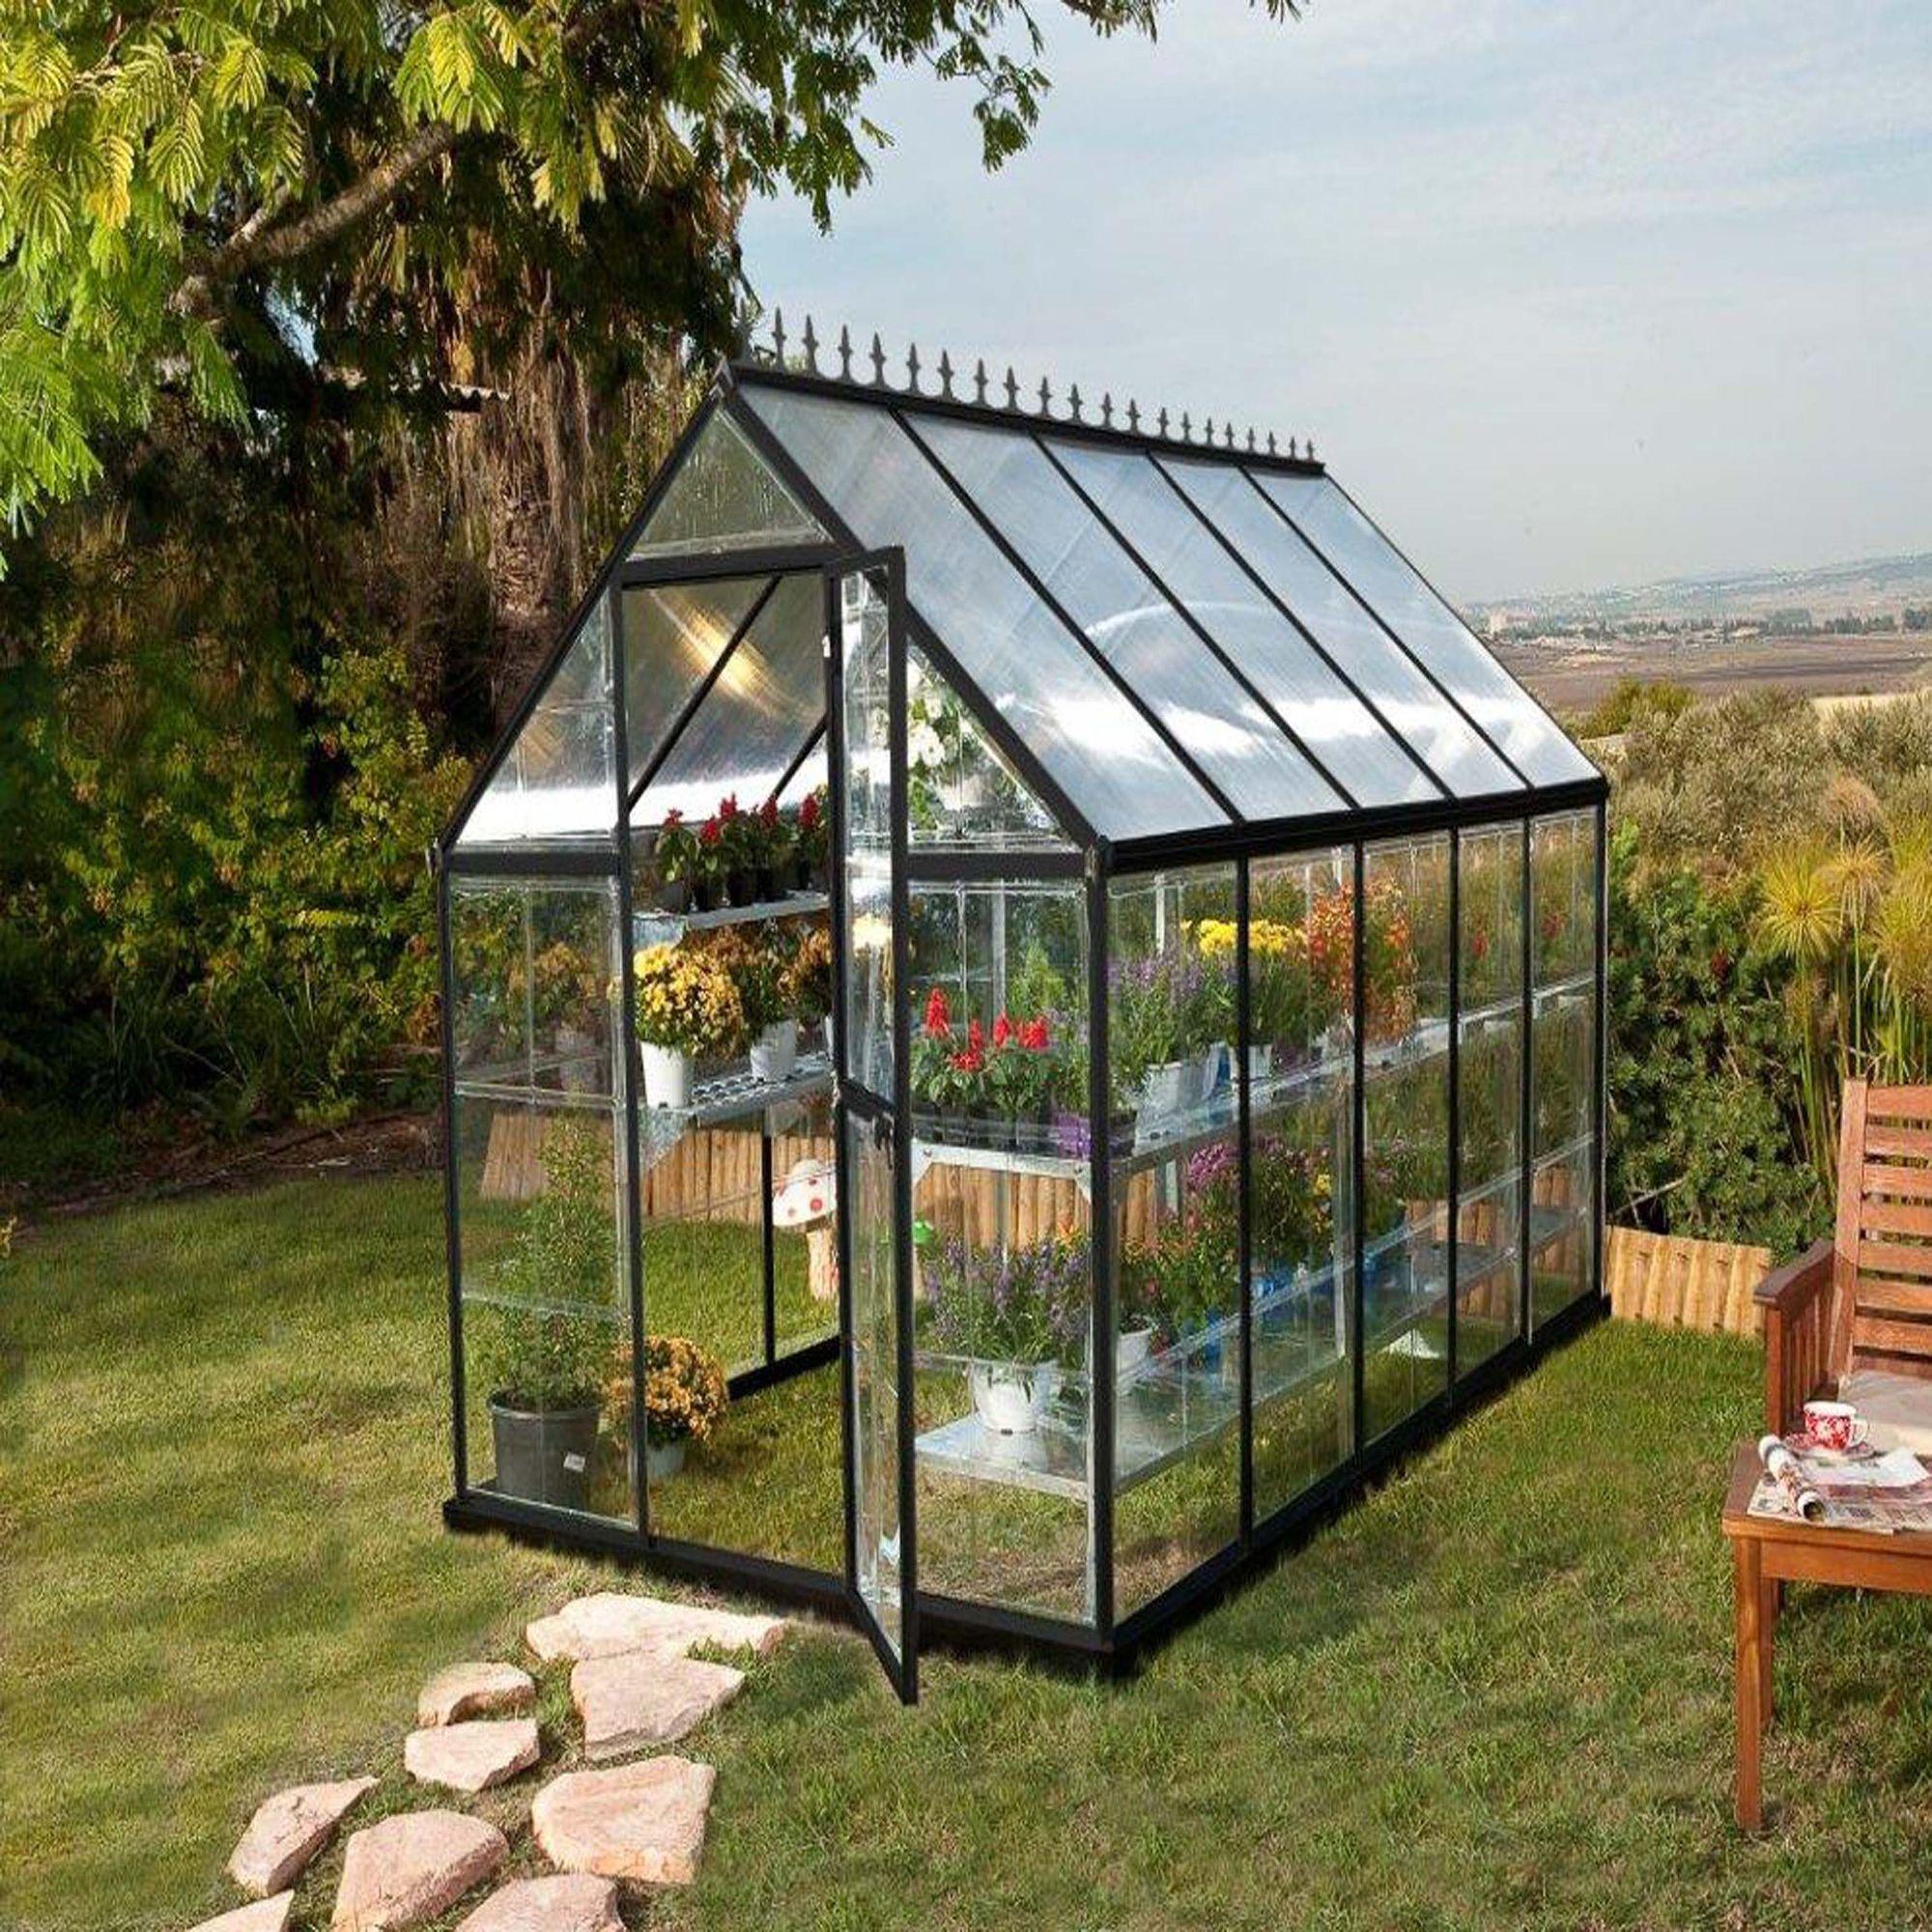 Serre En Polycarbonate Victorienne 5 73 M Transparent Gris Serre Les Abris Serres Et Chalet De Jardin Serre Jardin Serre De Jardin Polycarbonate